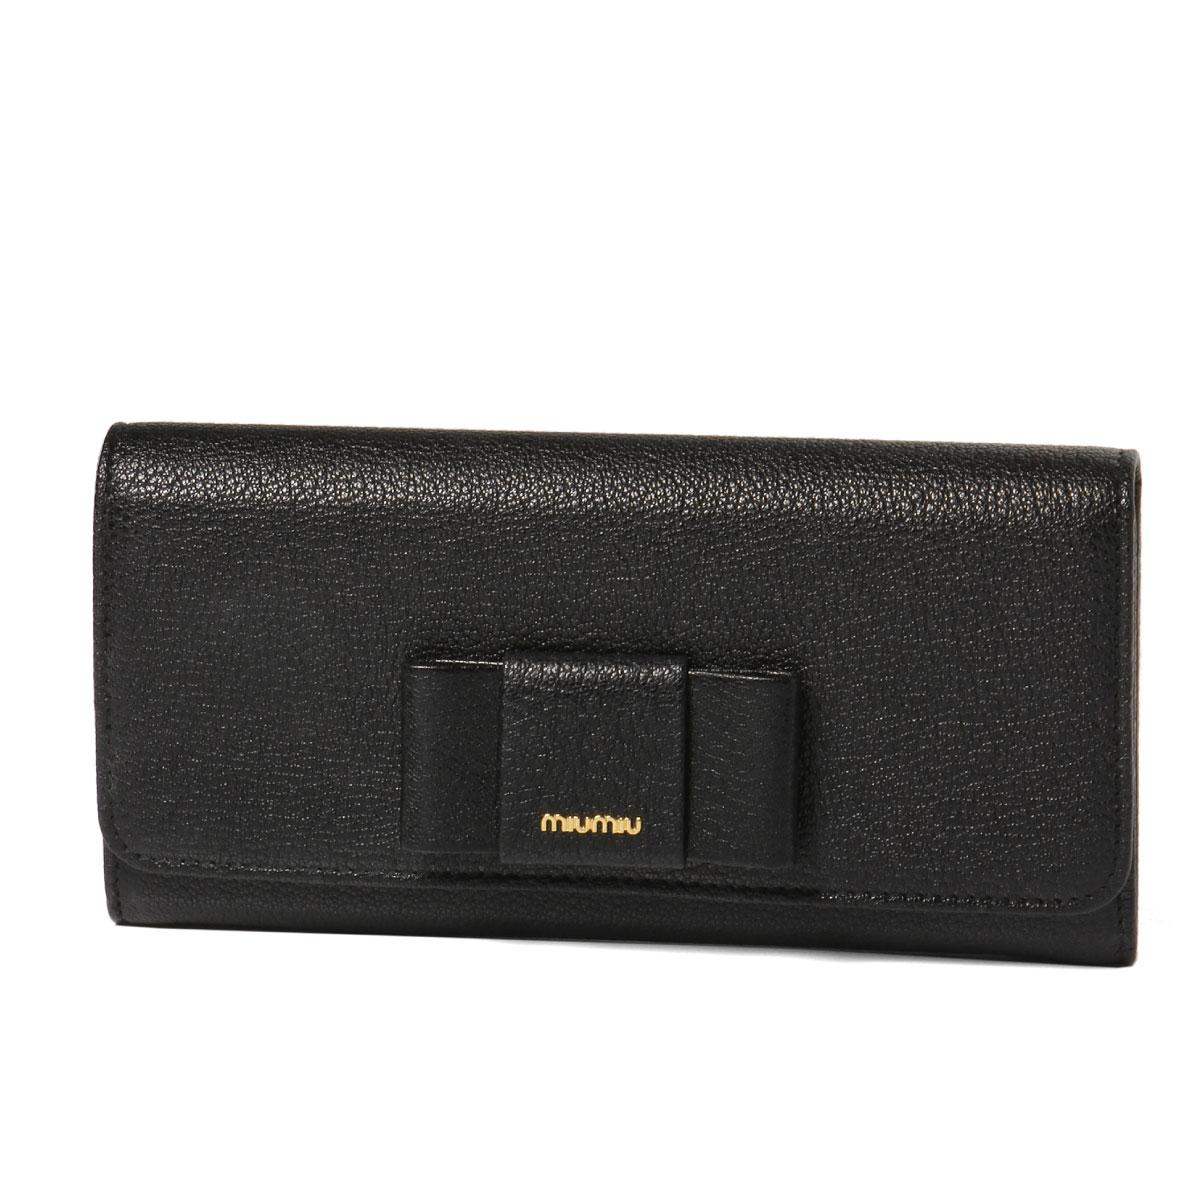 ミュウ ミュウ MIU MIU 財布 レディース 5MH109 2EW7 F0002 二つ折り長財布 MADRAS FIOCCO C NERO ブラック